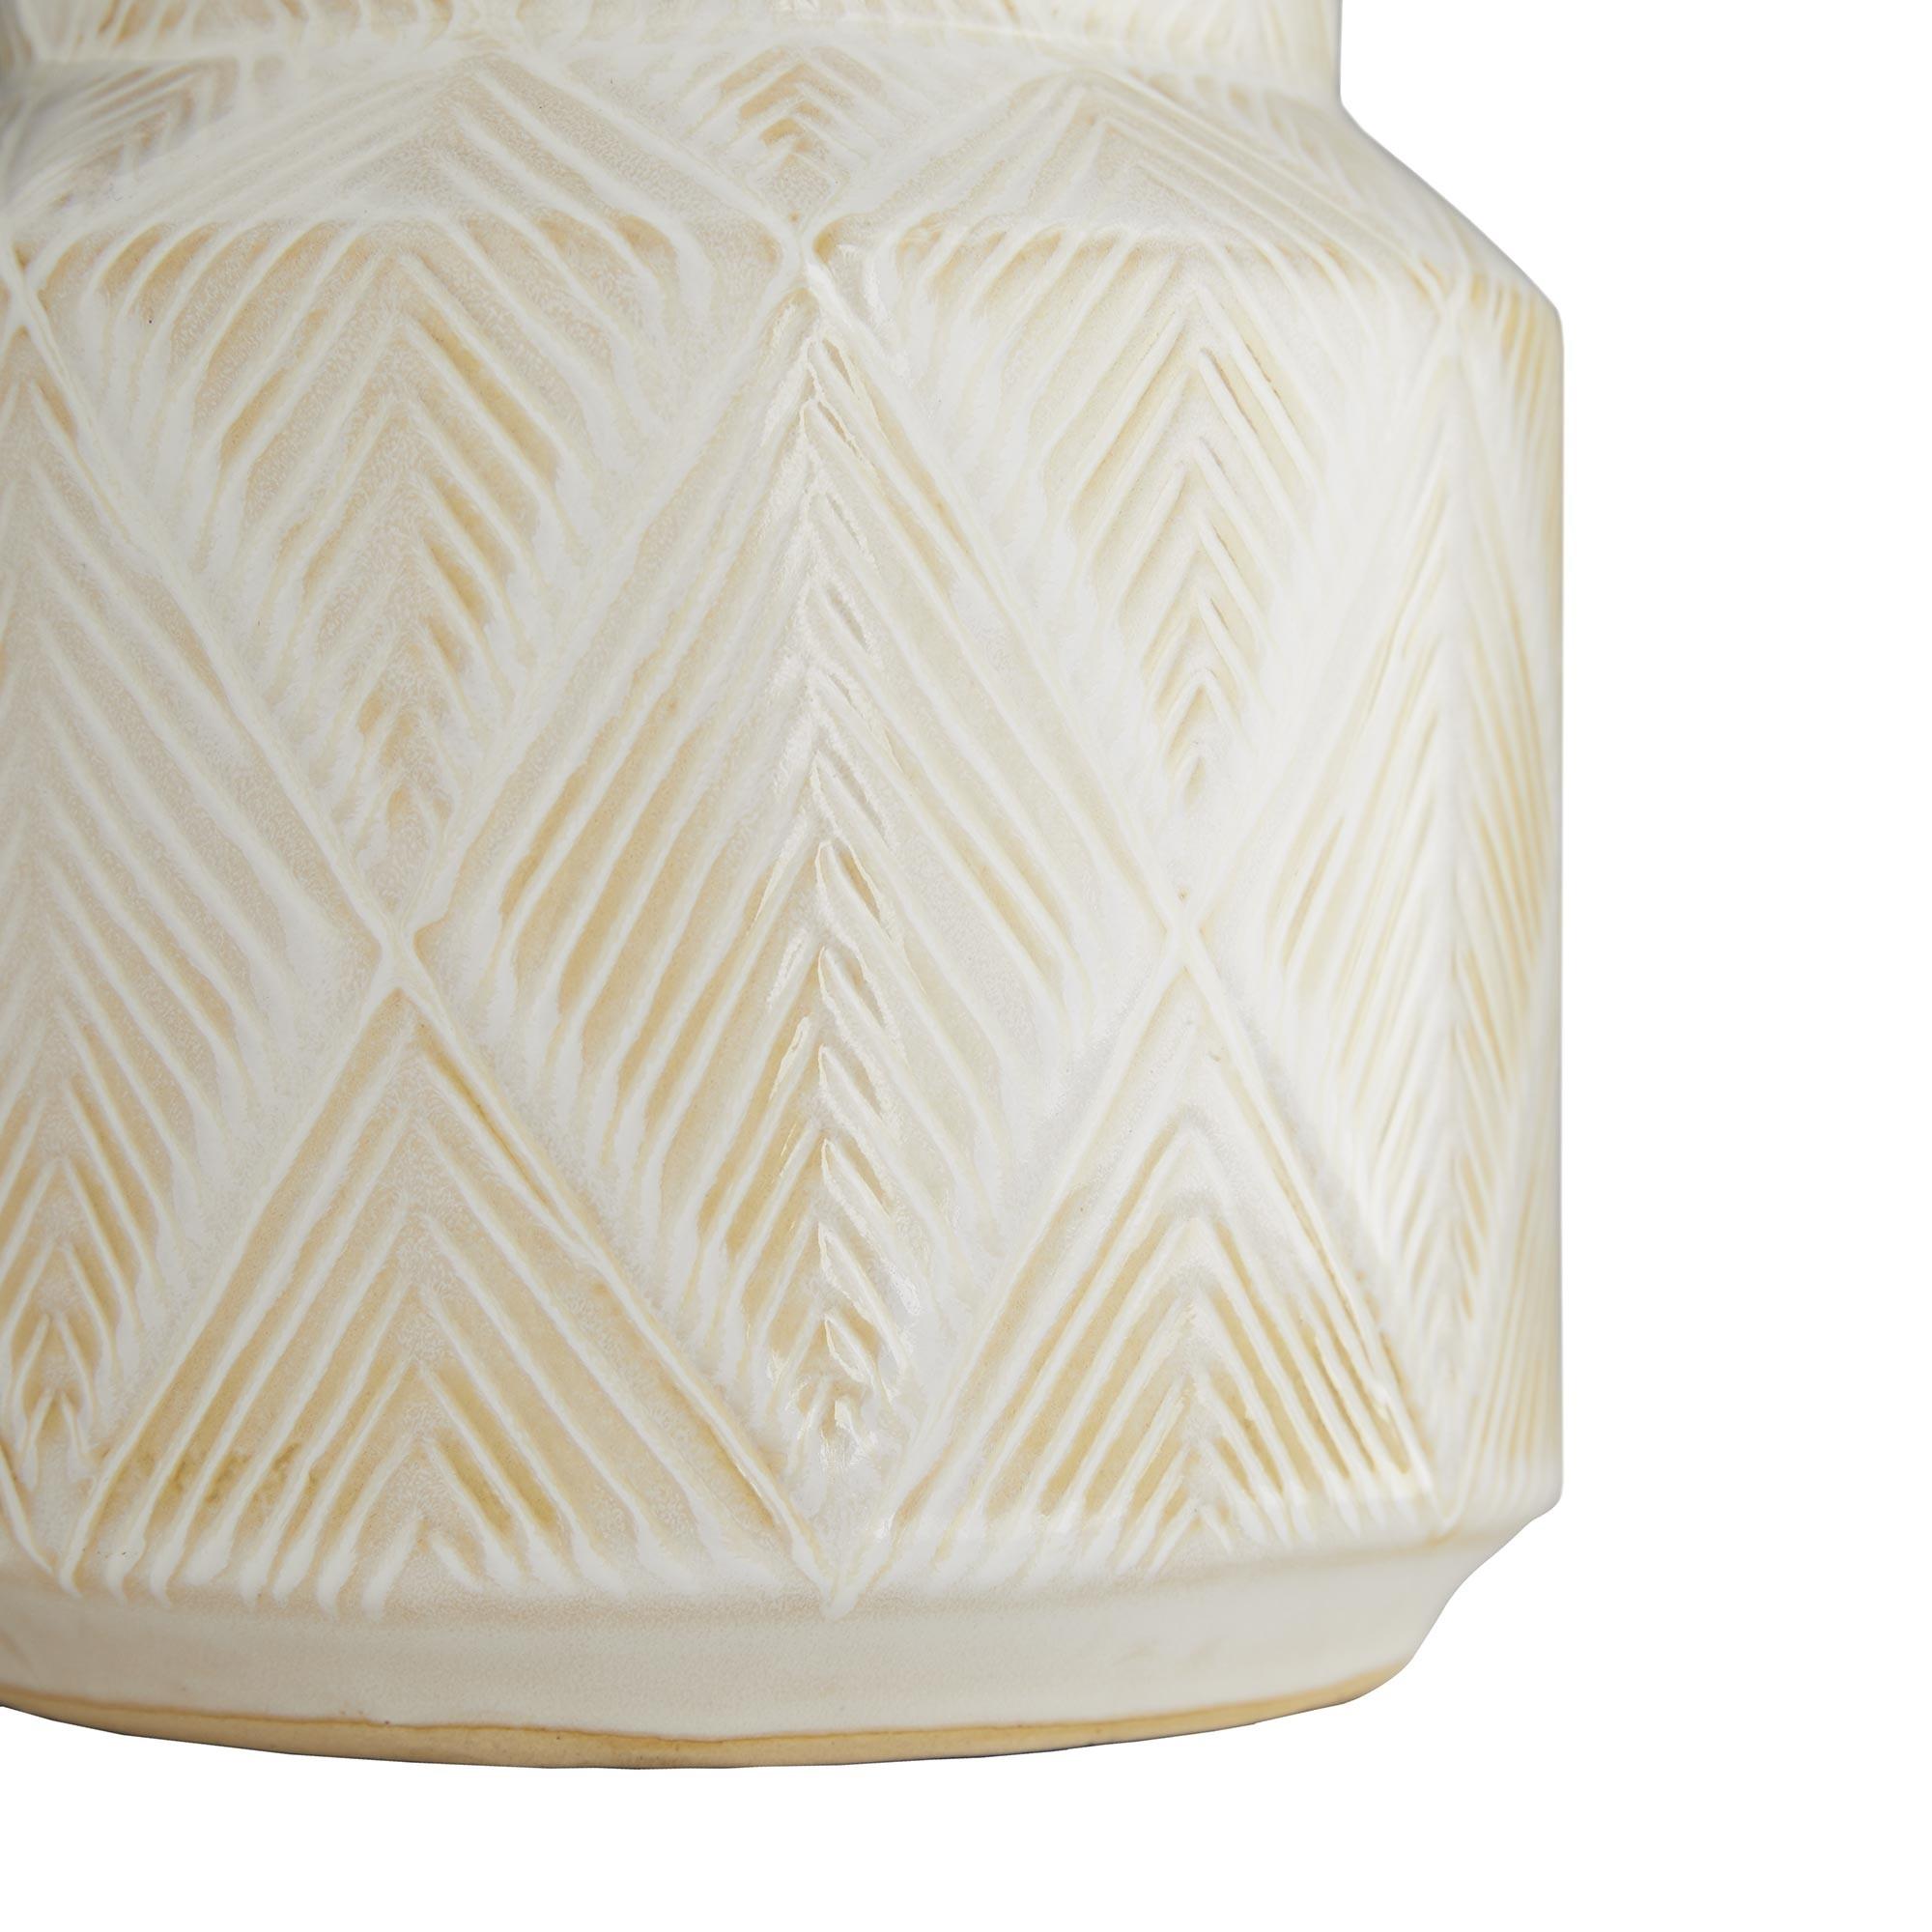 Danner Ceramic Table Lamp